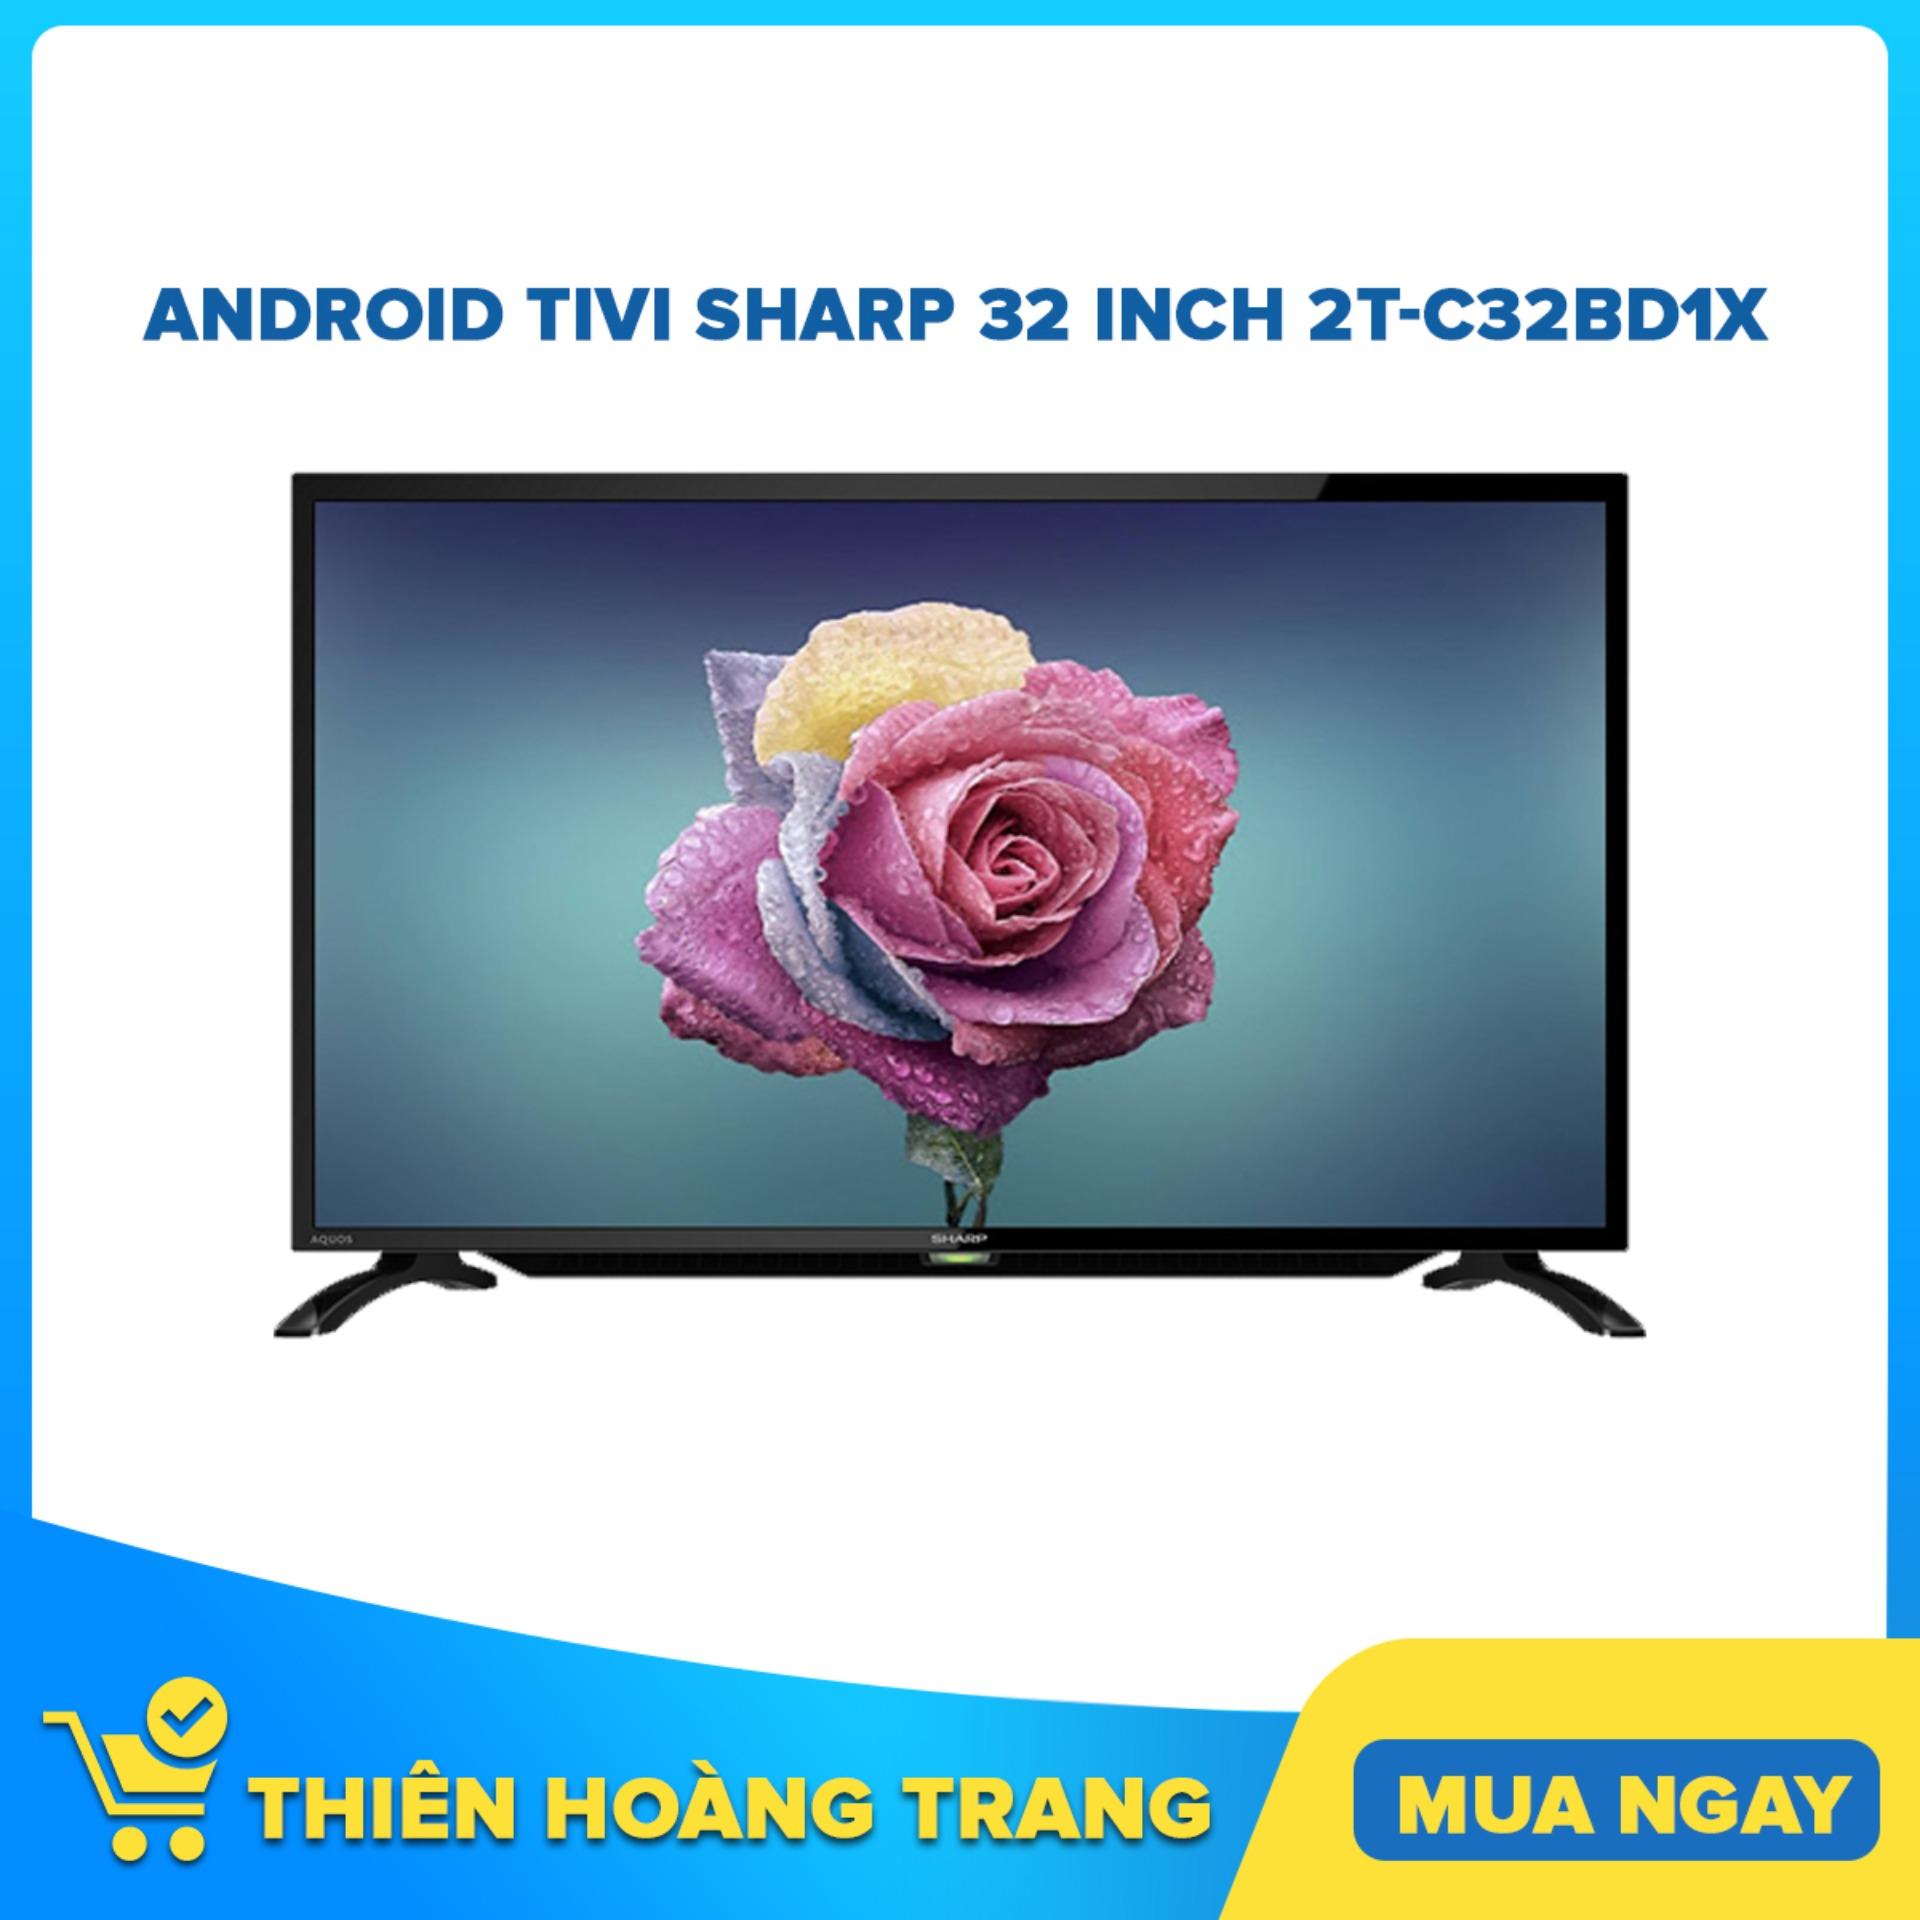 Bảng giá Tivi LED Sharp 32 Inch 2T-C32BD1X